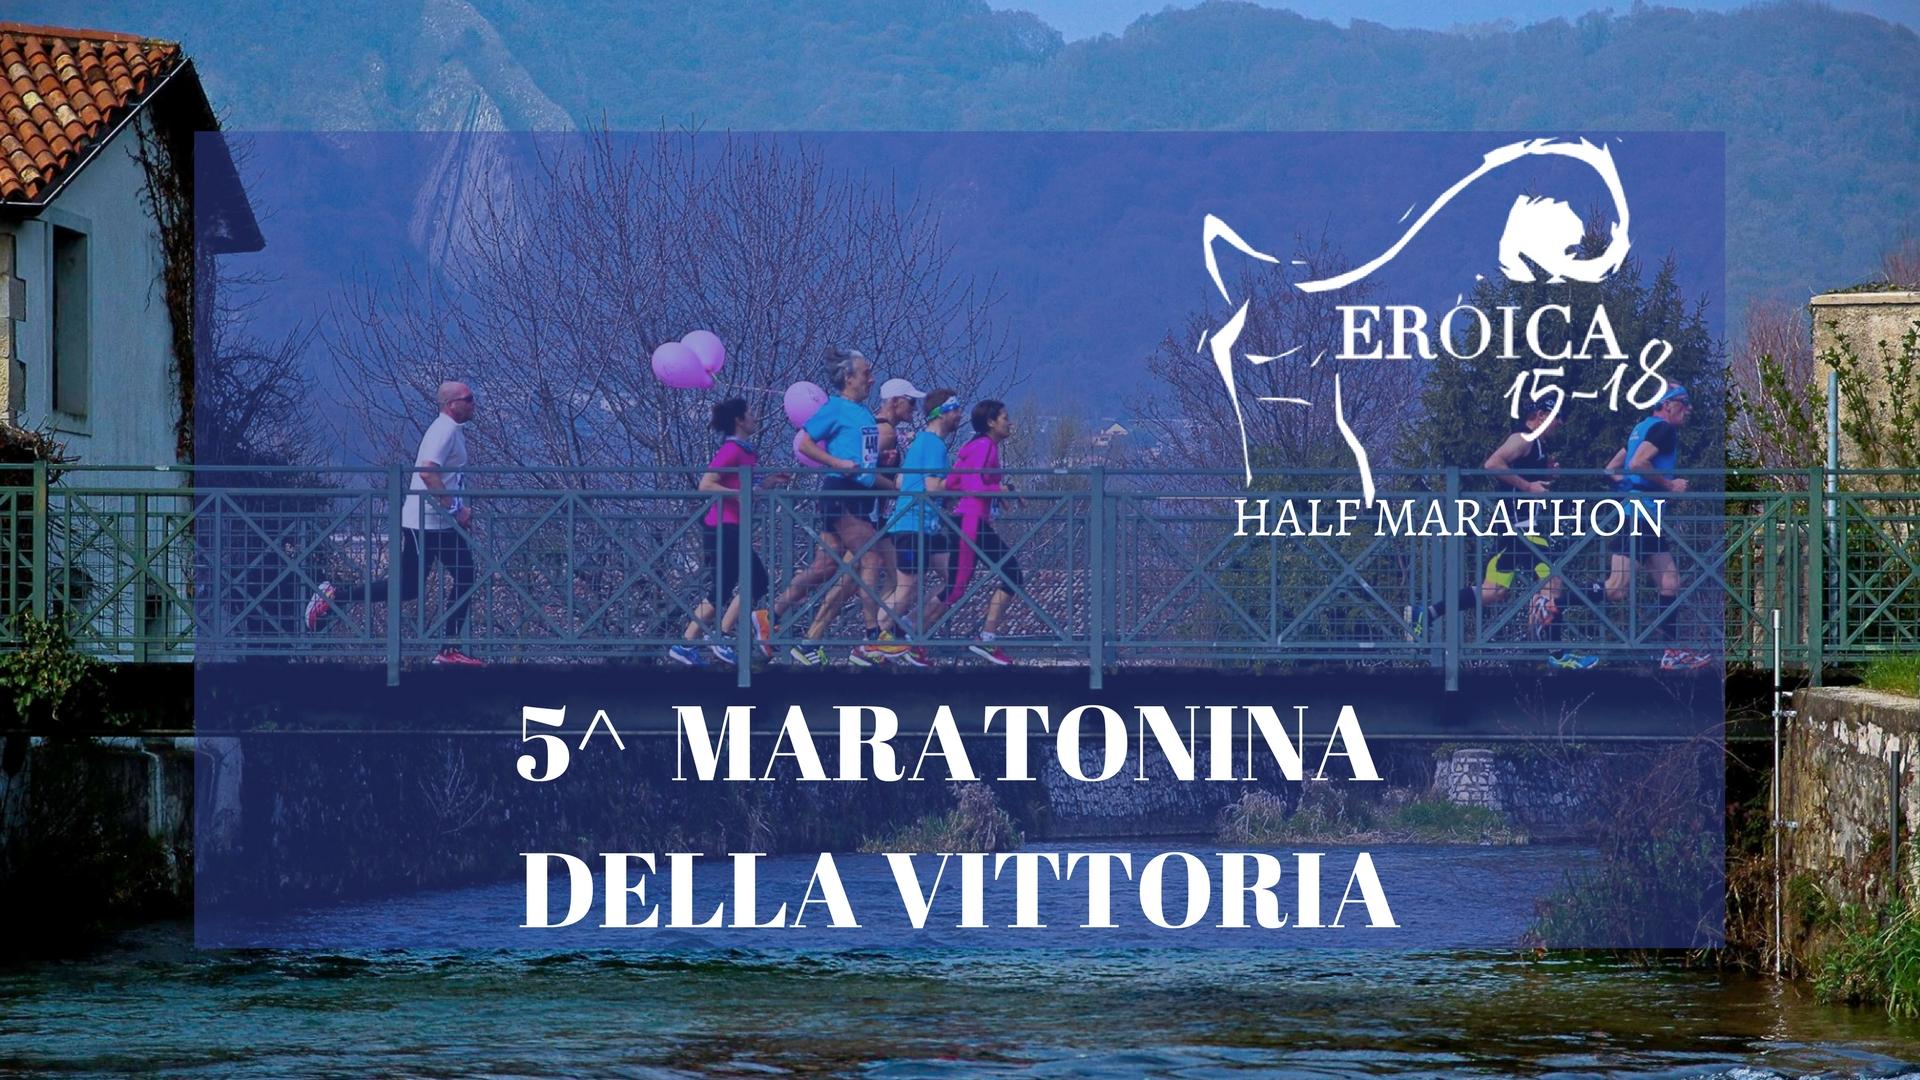 5_maratonina_della_vittoria_eroica15-18_vittorio-veneto